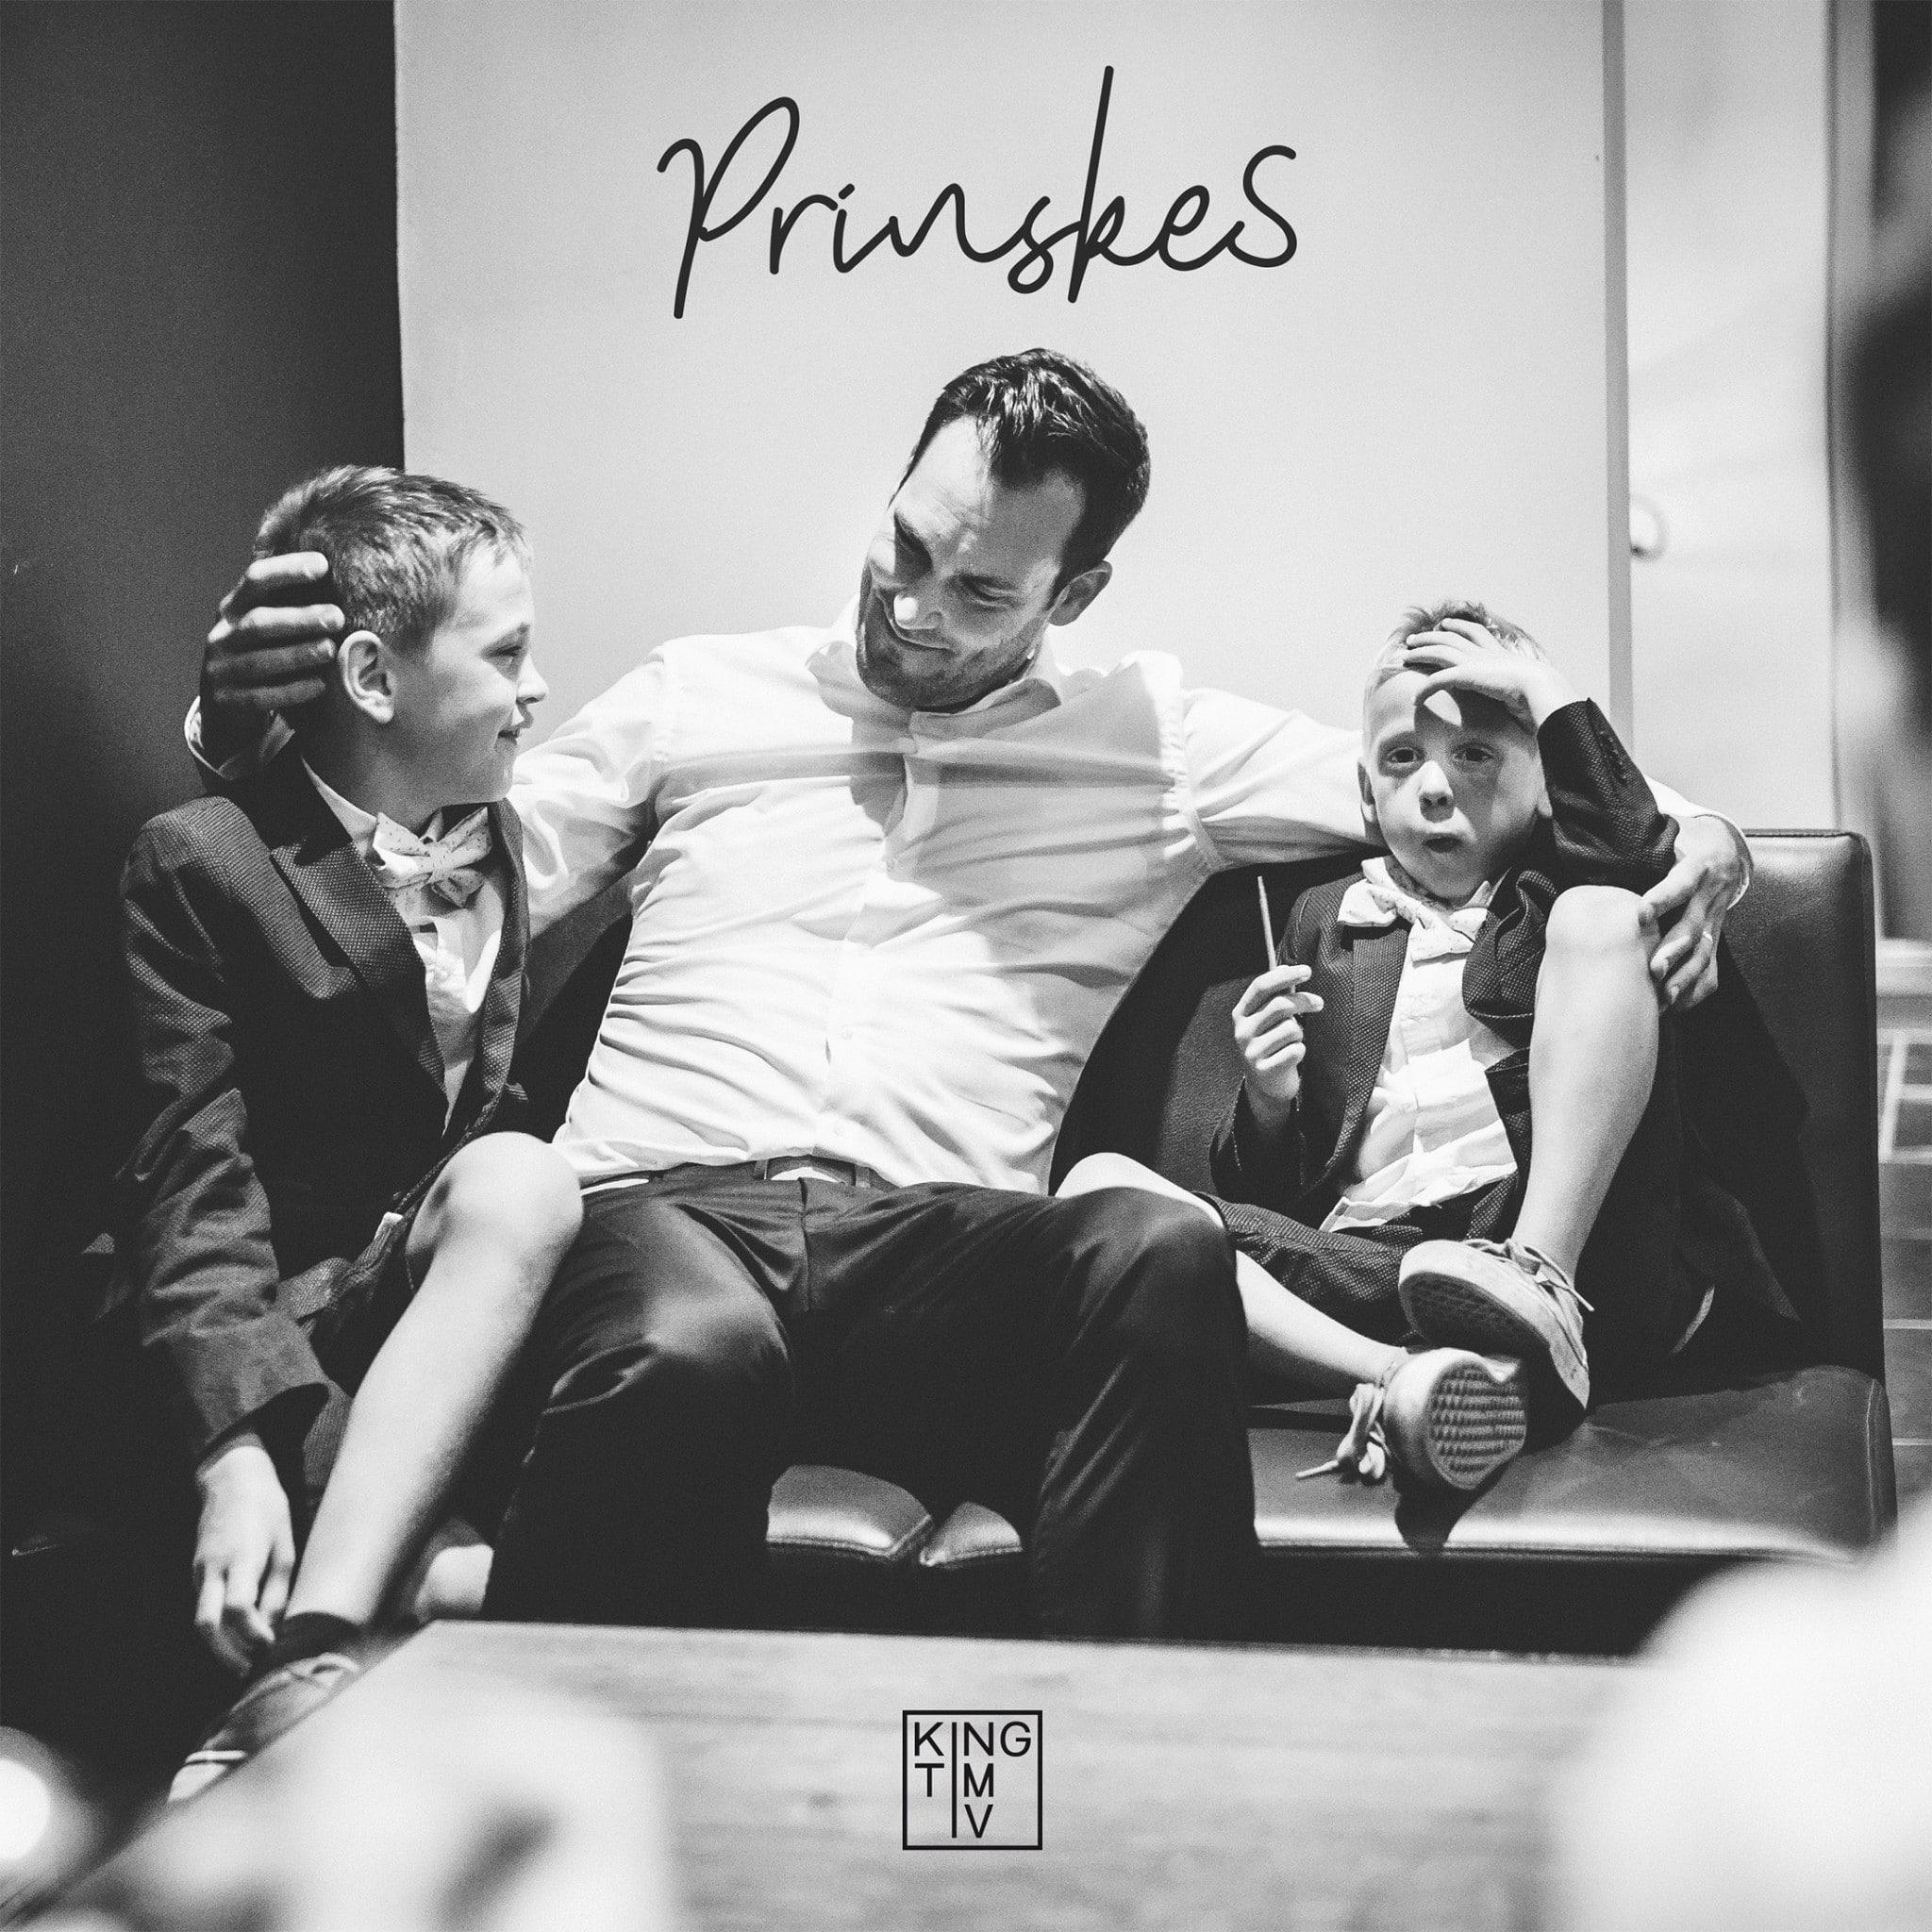 Singlecover King Tim IV - Prinskes